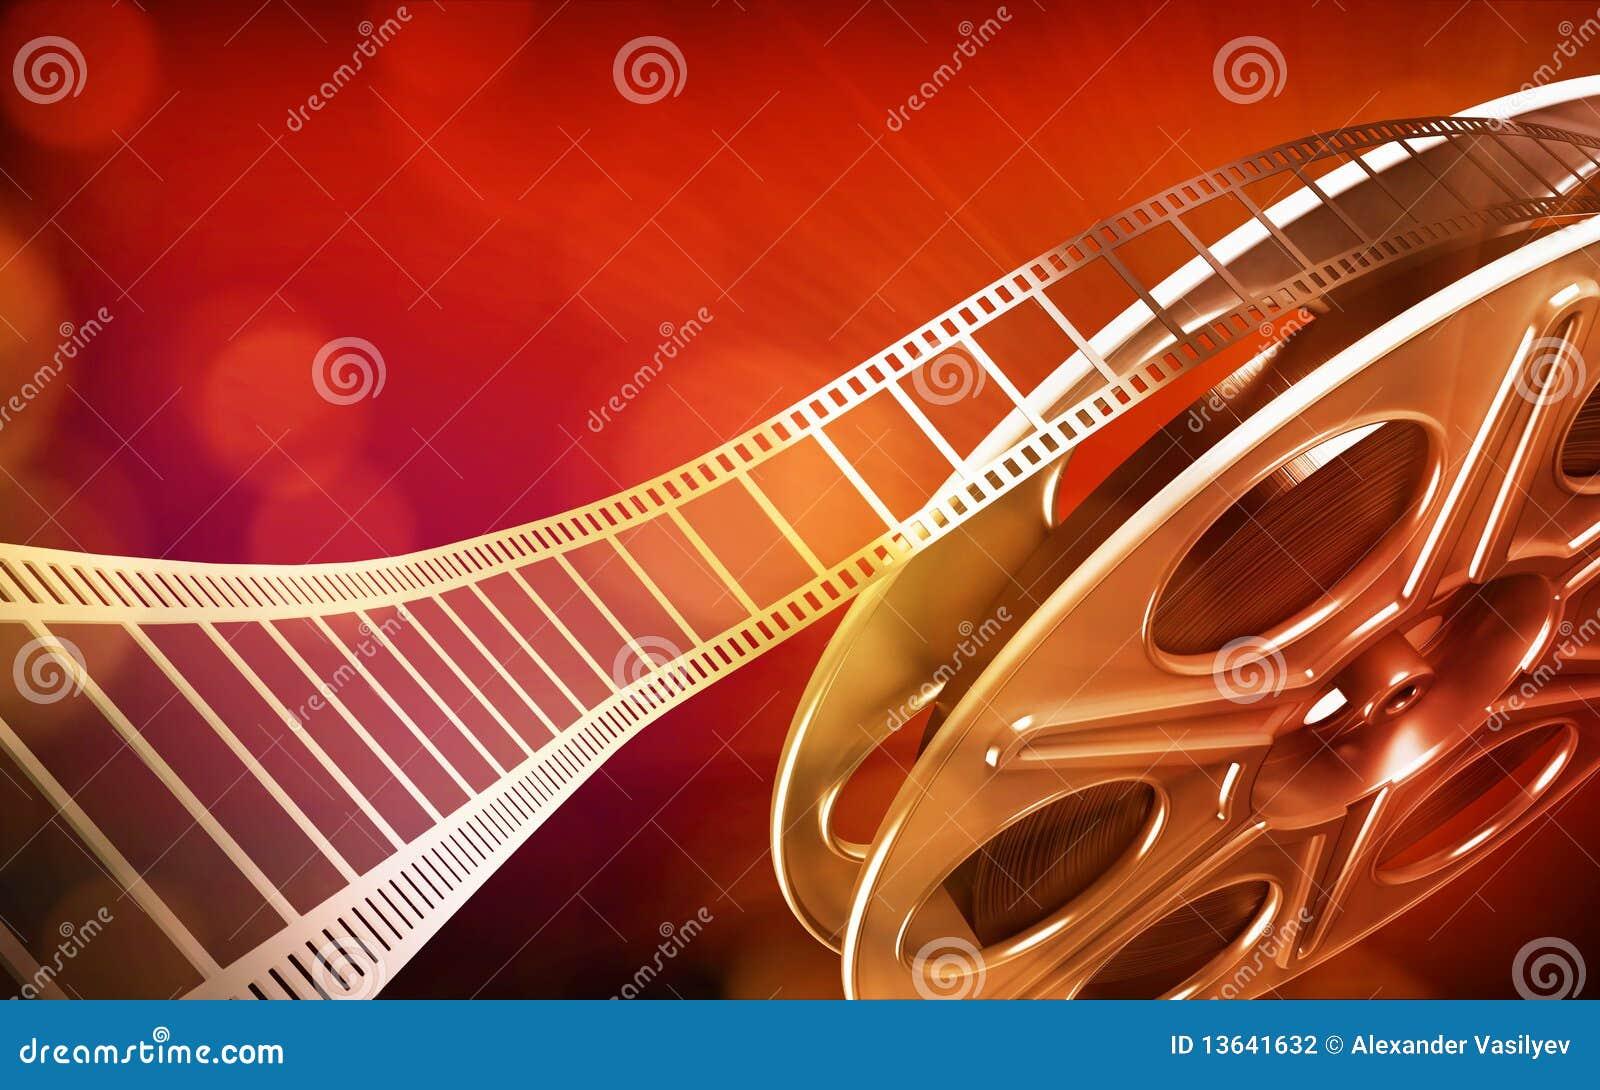 Kinofilmbandspule